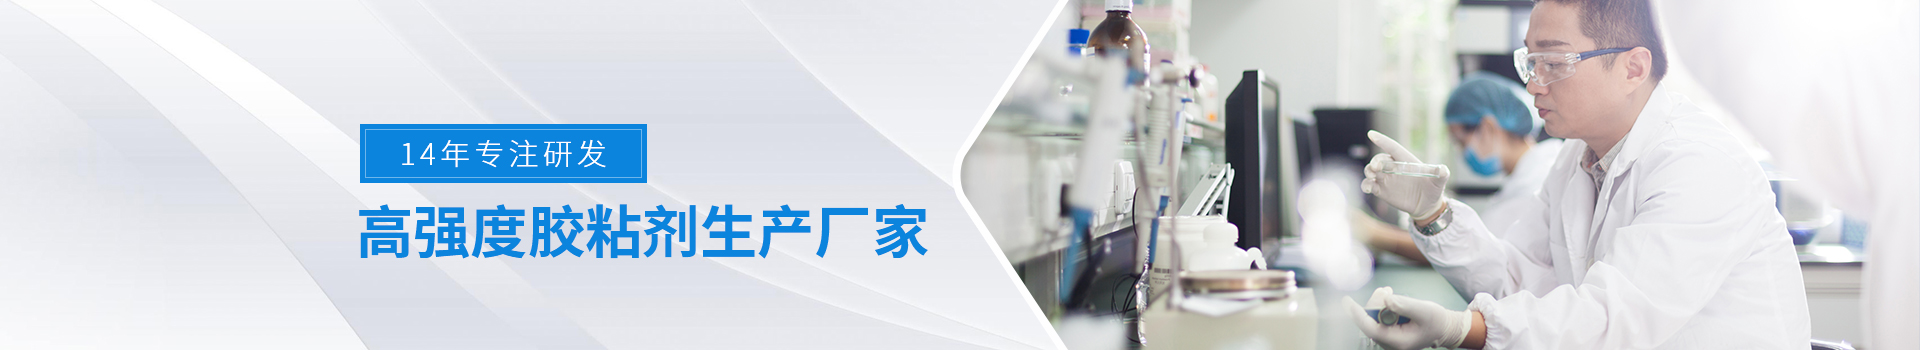 粘必牢-高强度胶粘剂生产厂家